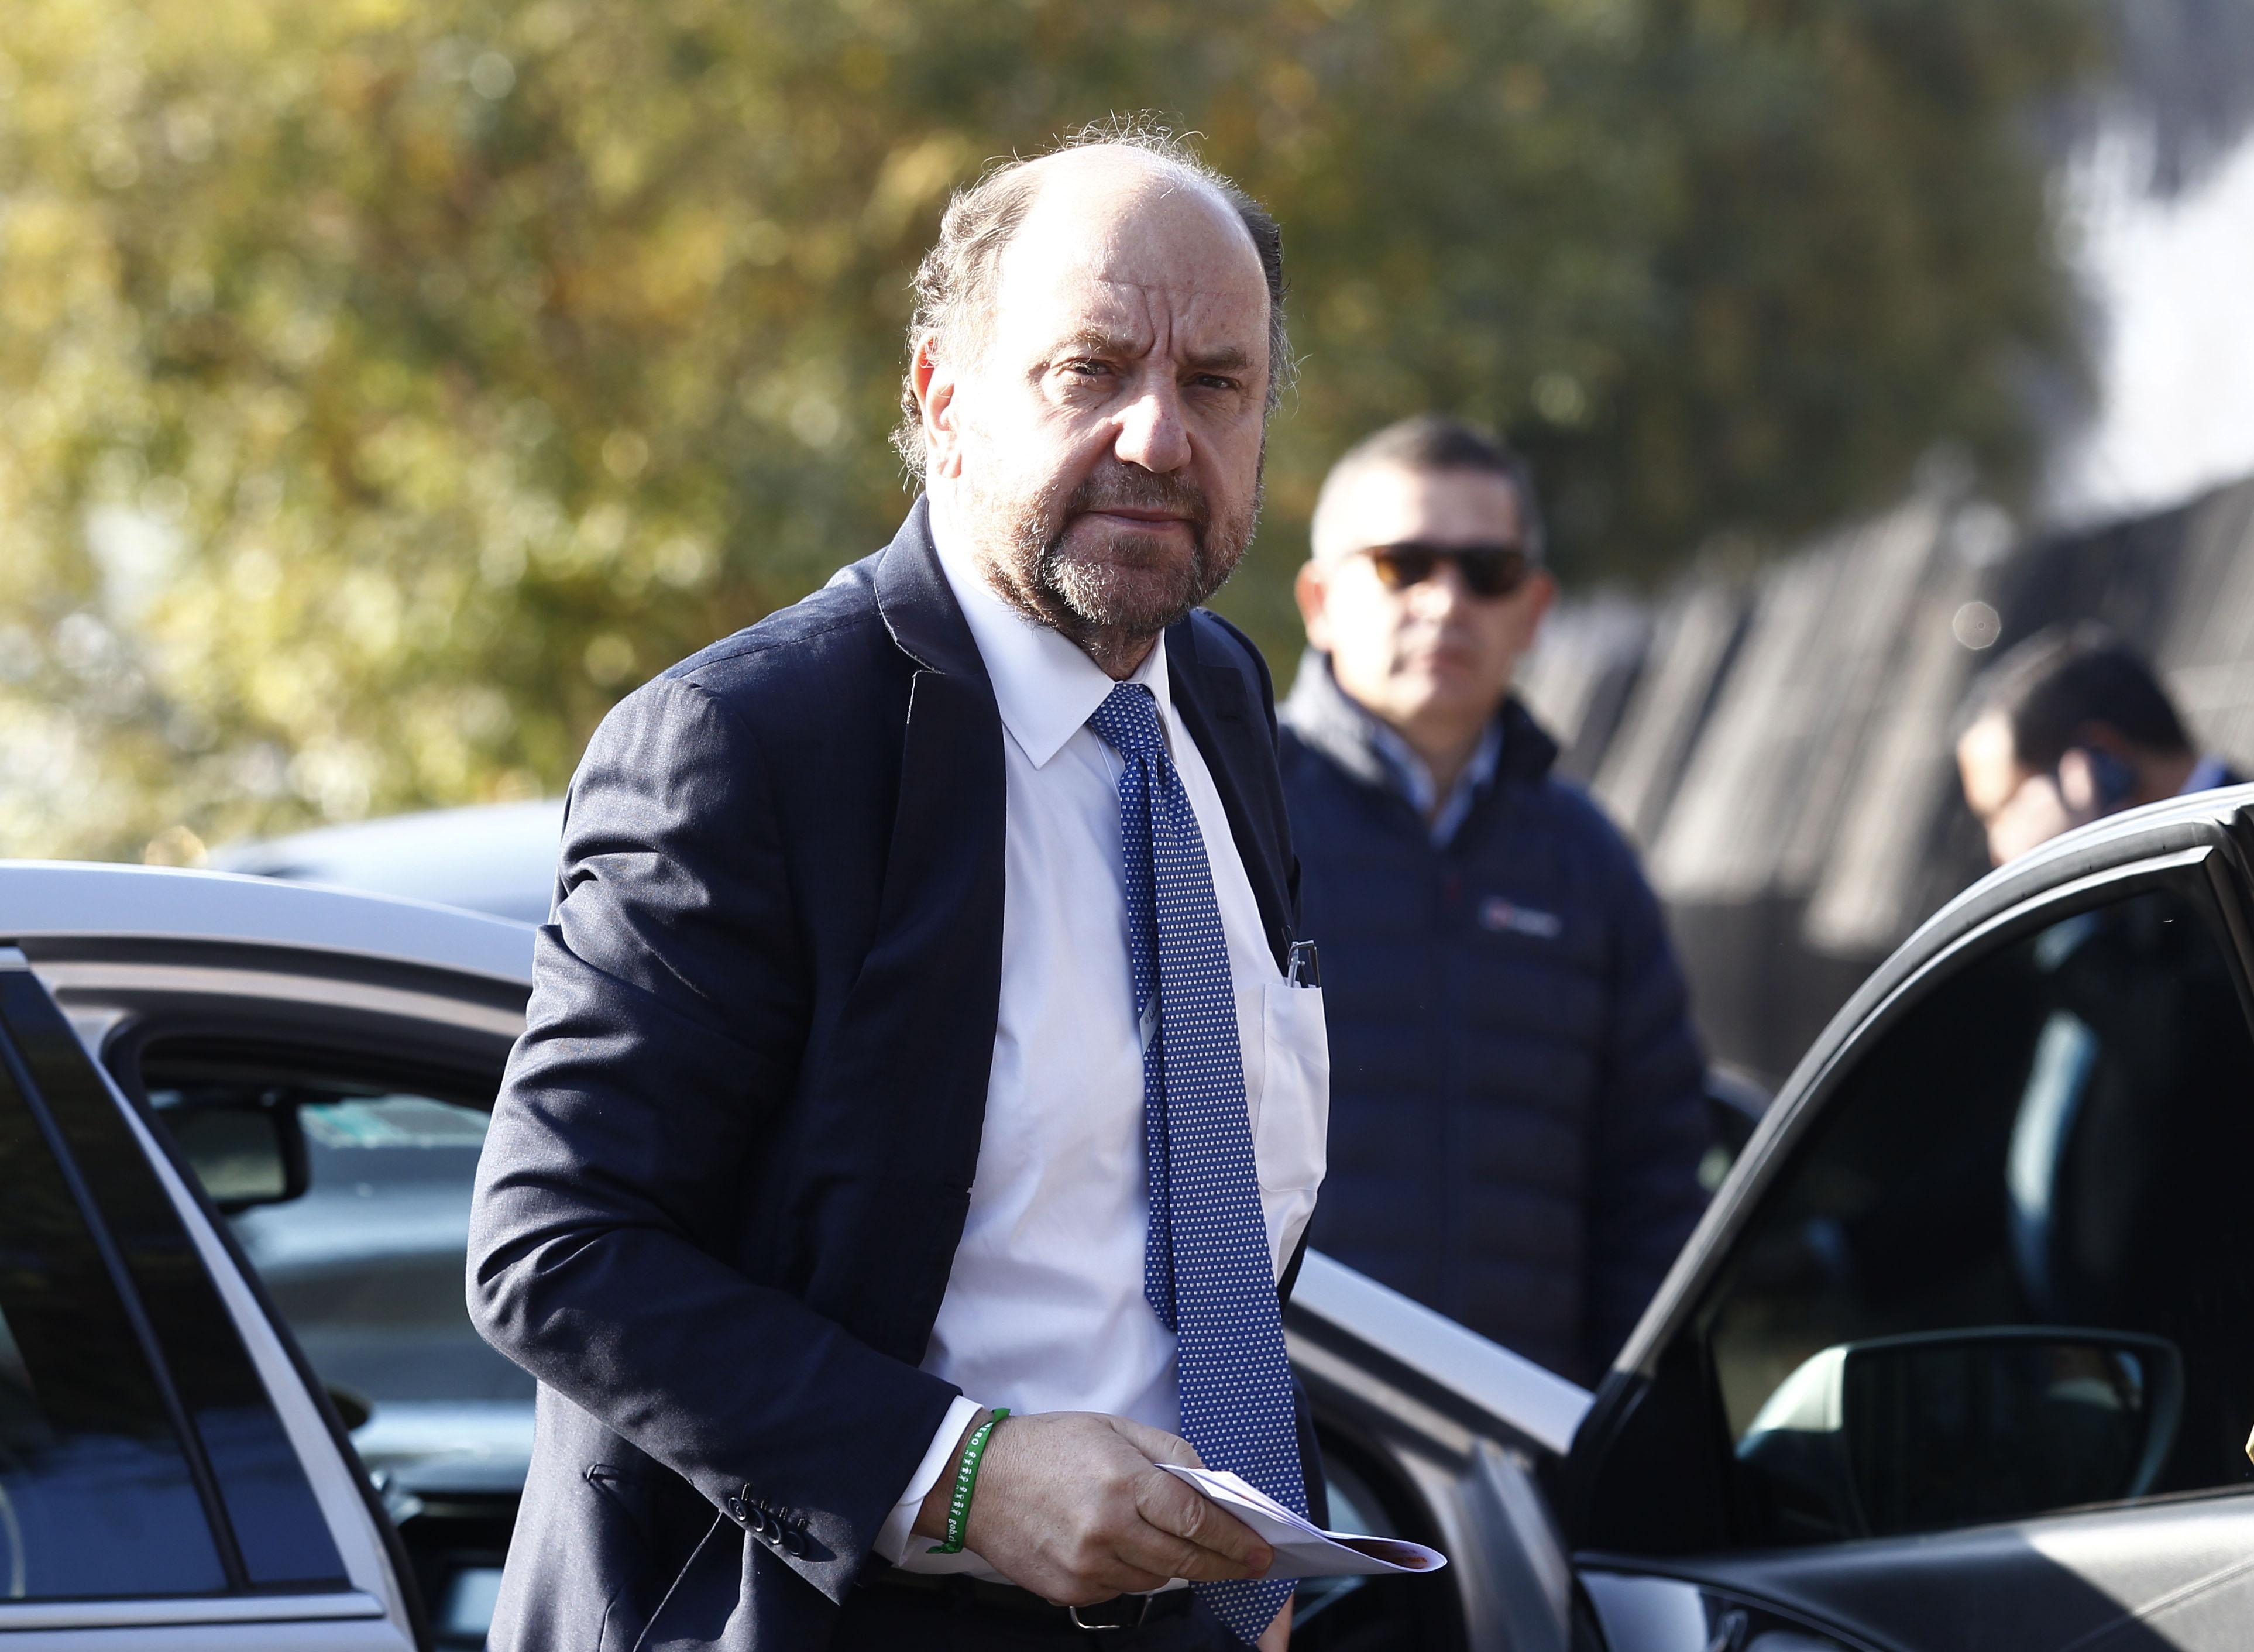 Ministro Moreno también viajó a EE.UU. para reunirse con ex compañeros: pagó su pasaje y alojamiento